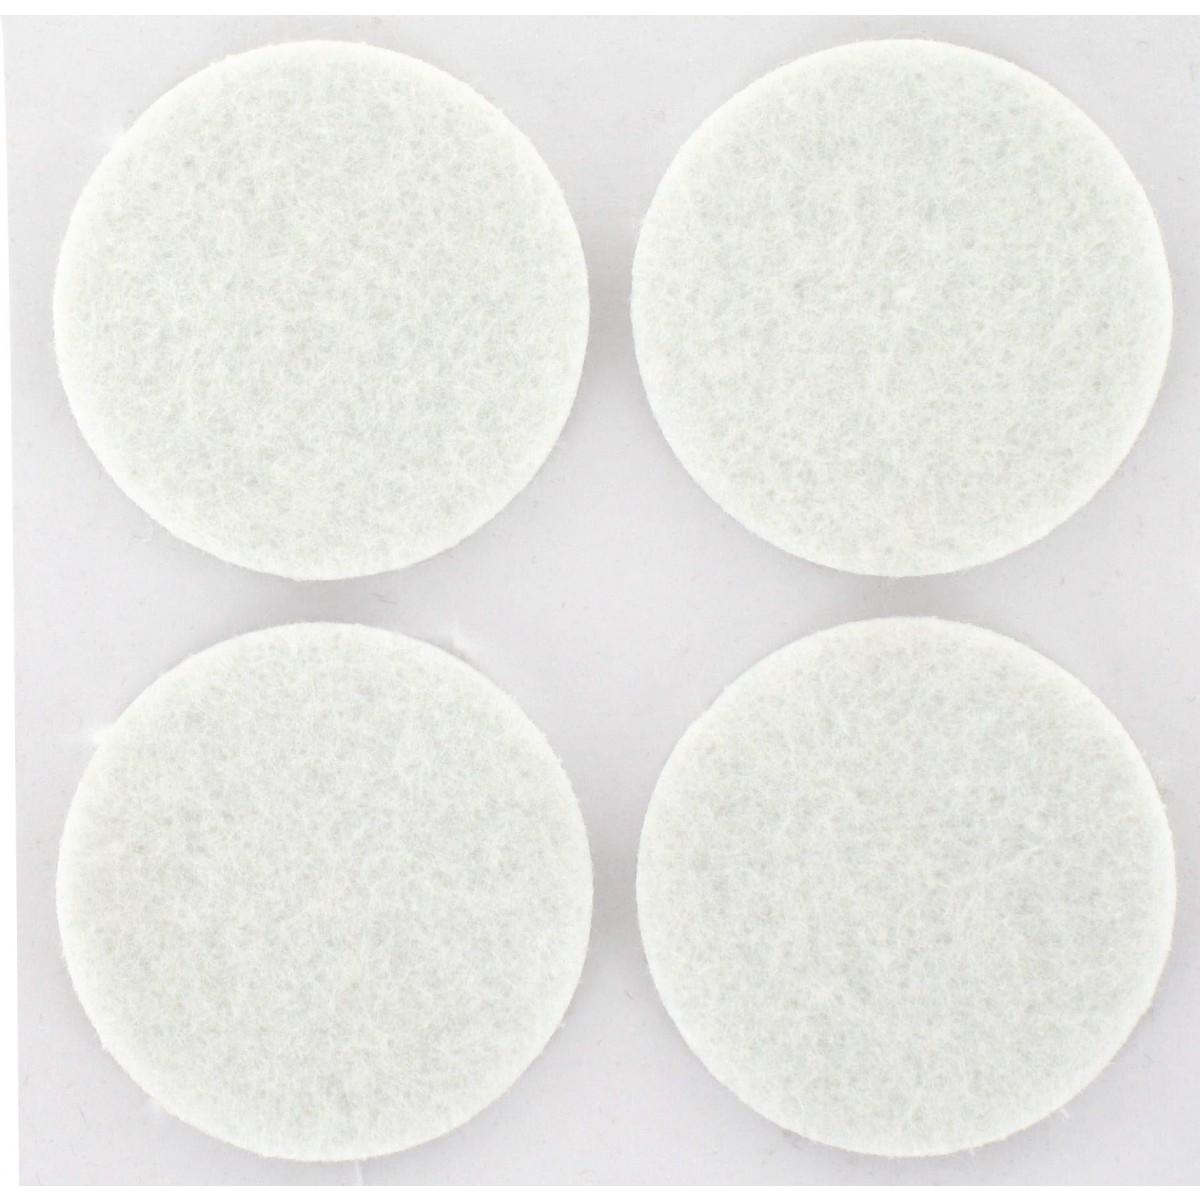 Patin feutre blanc adhésif PVM - Diamètre 35 mm - Vendu par 4